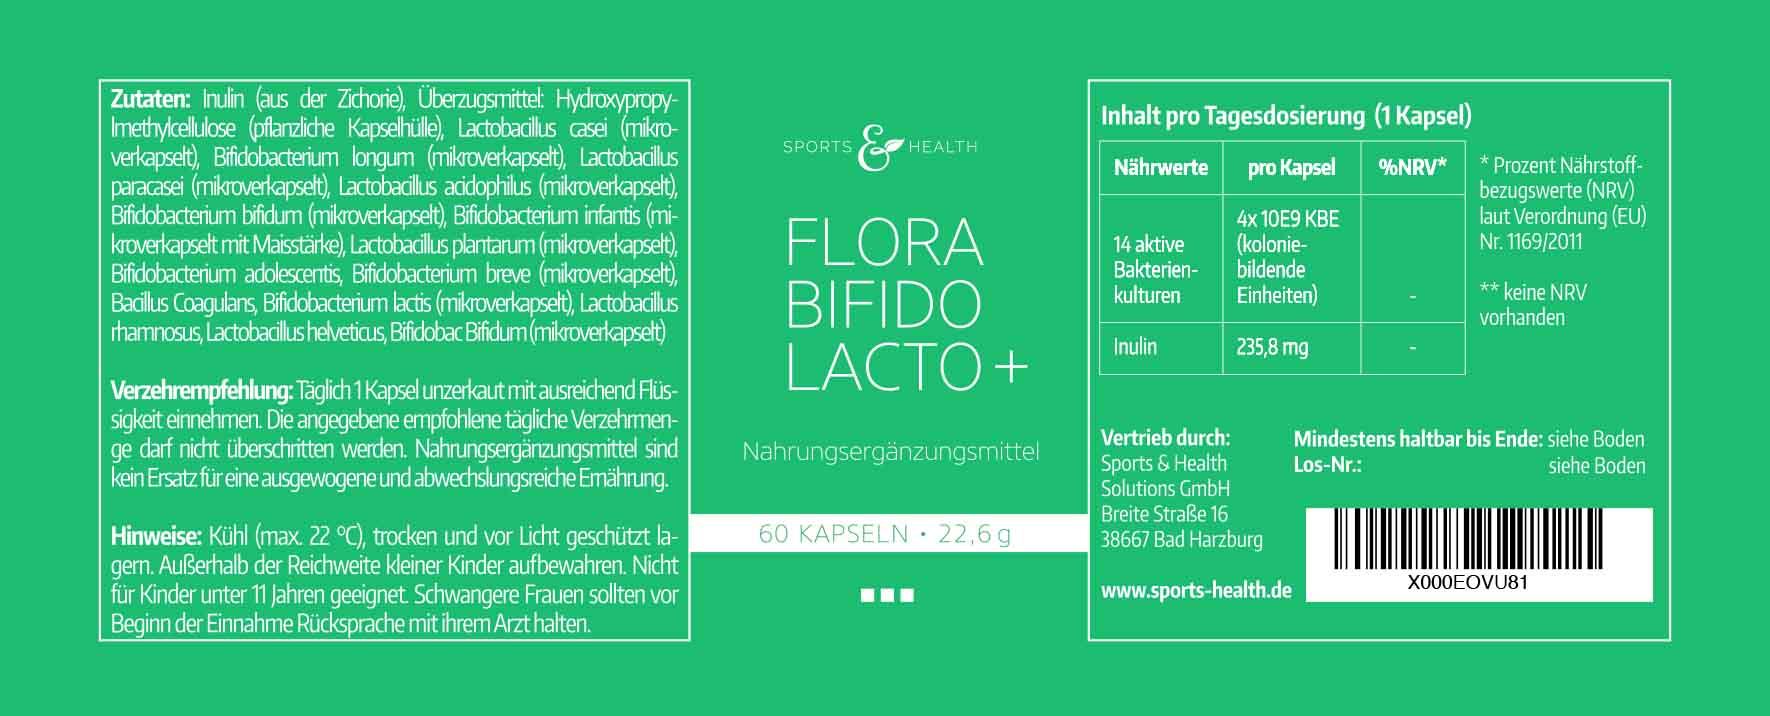 florabifido